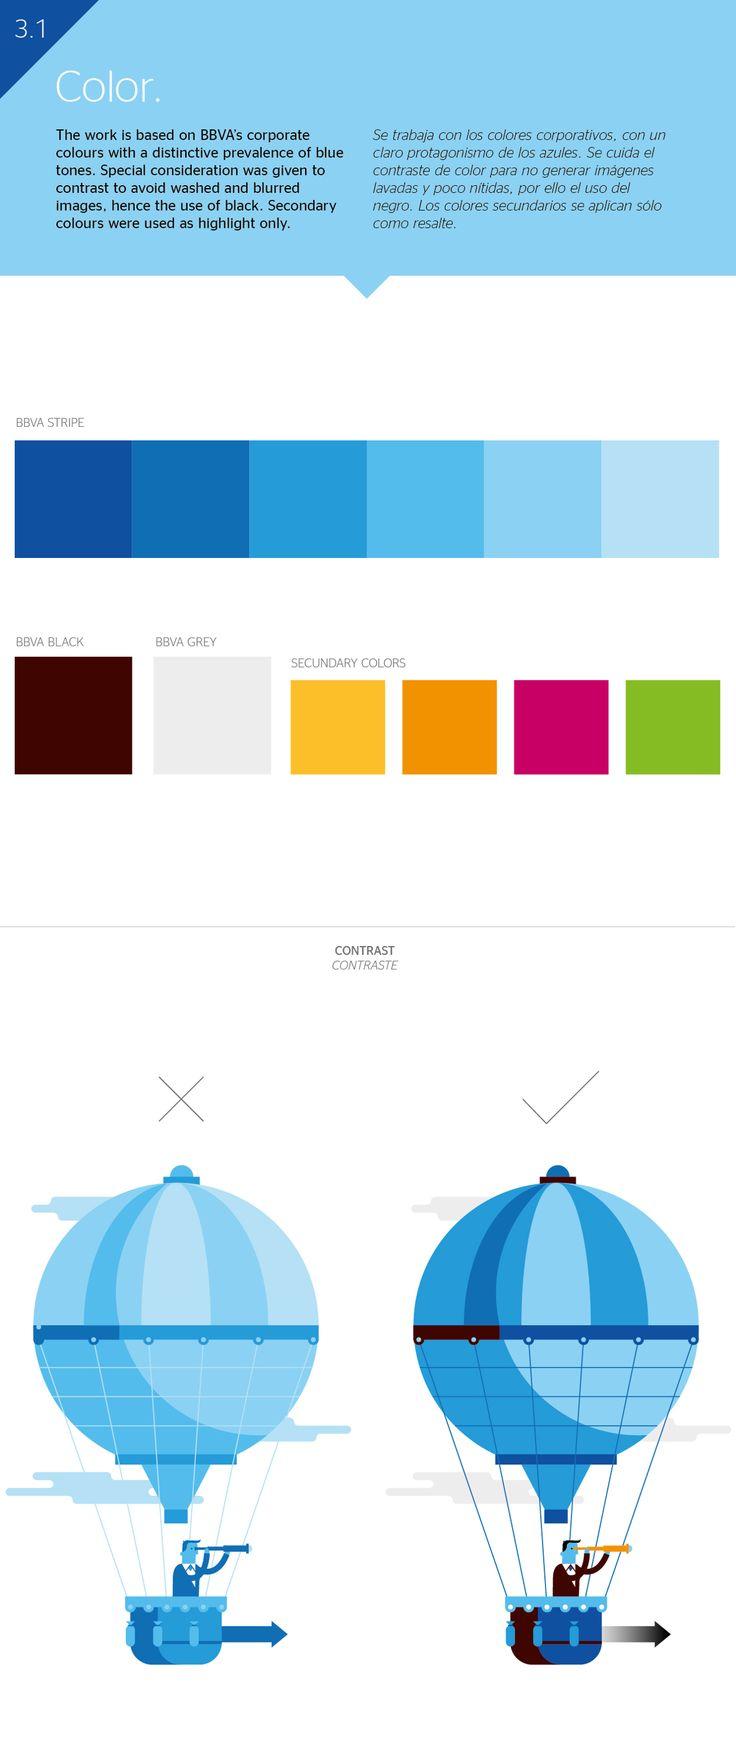 BBVA Corporative Illustration on Behance